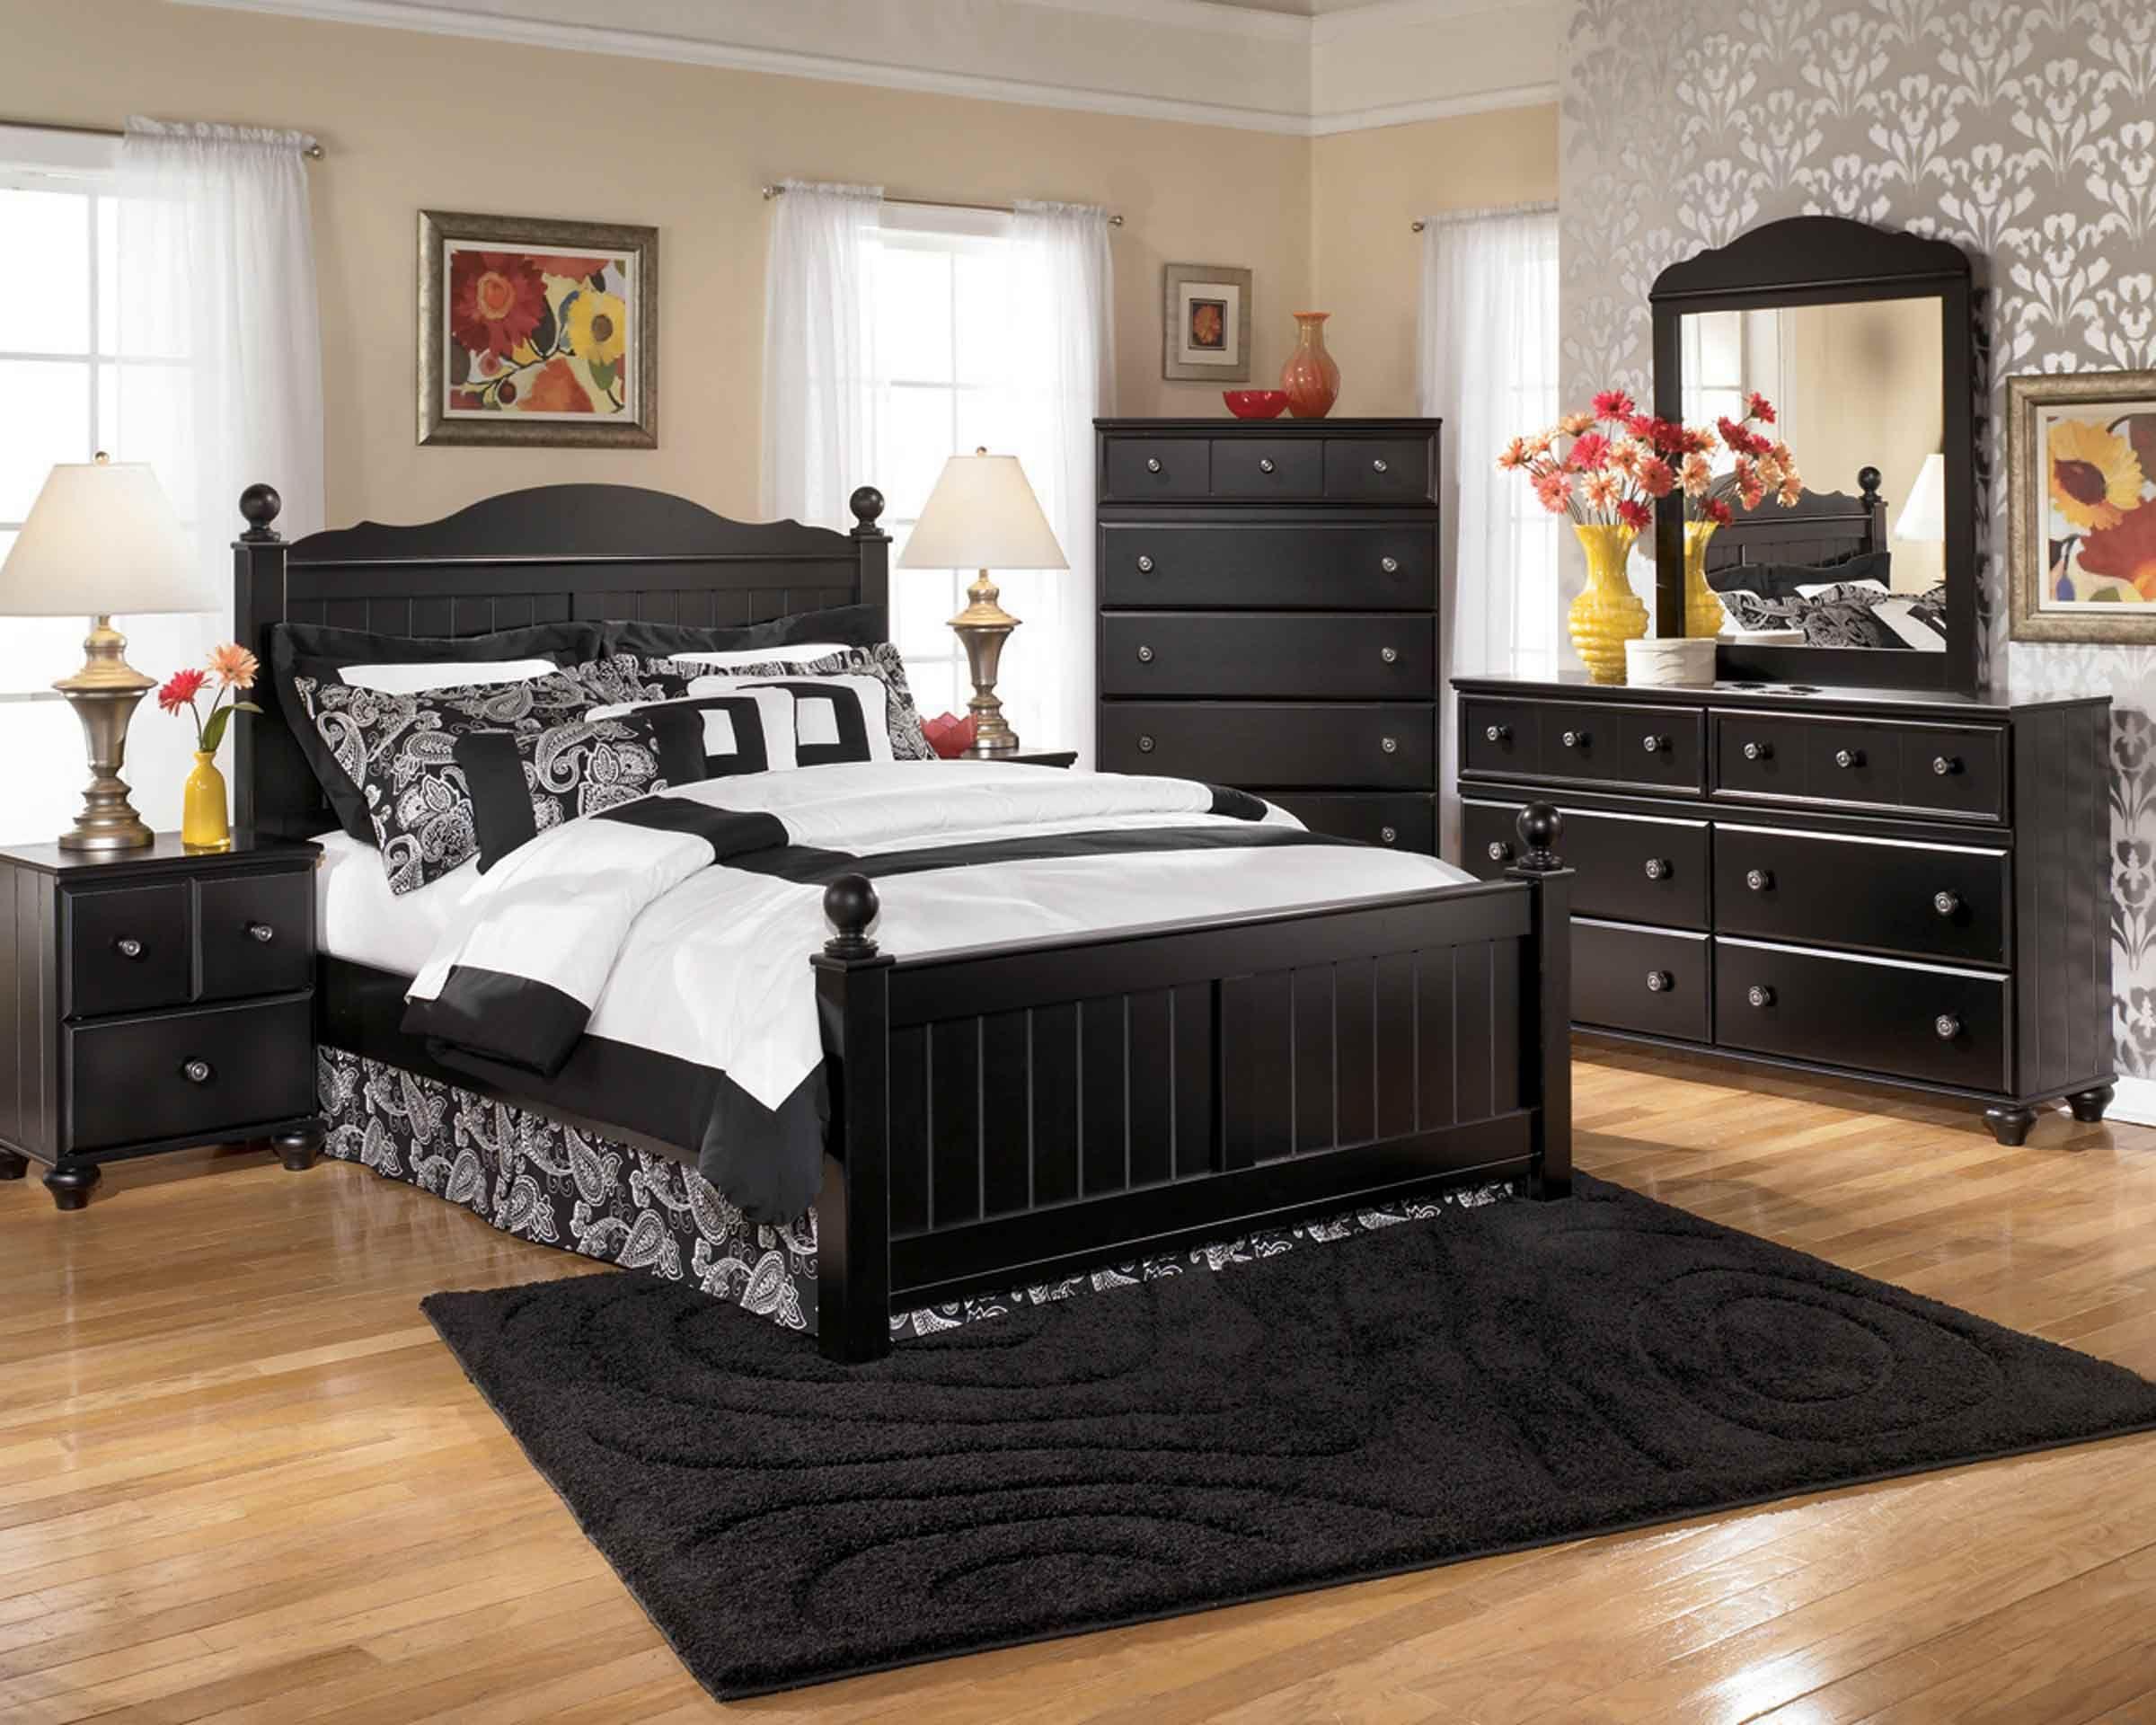 Master Bedrom Bedroom Ideas Bedroom Bedroom Sets